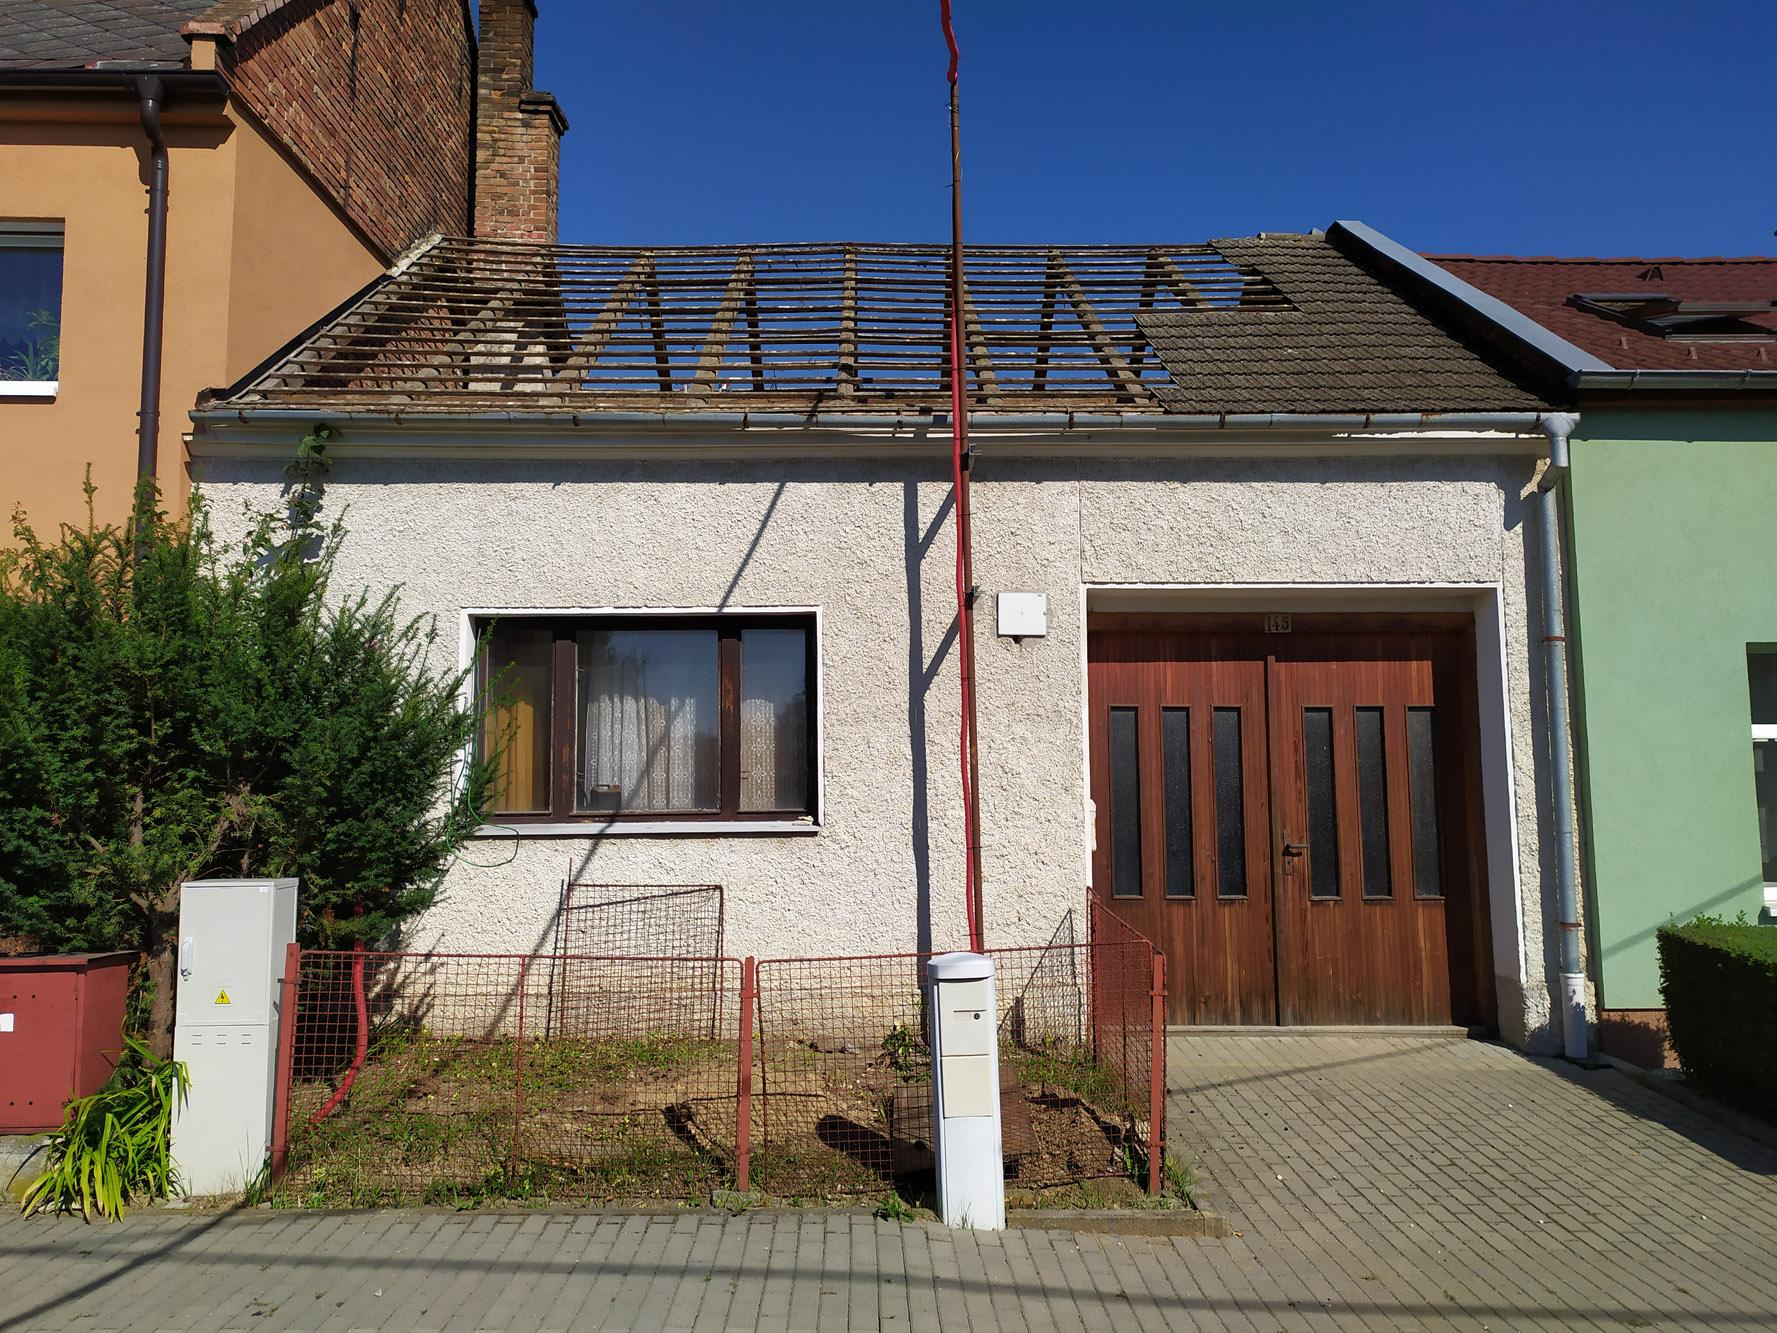 Bourání staré a stavba nové řadovky - Střecha mizí